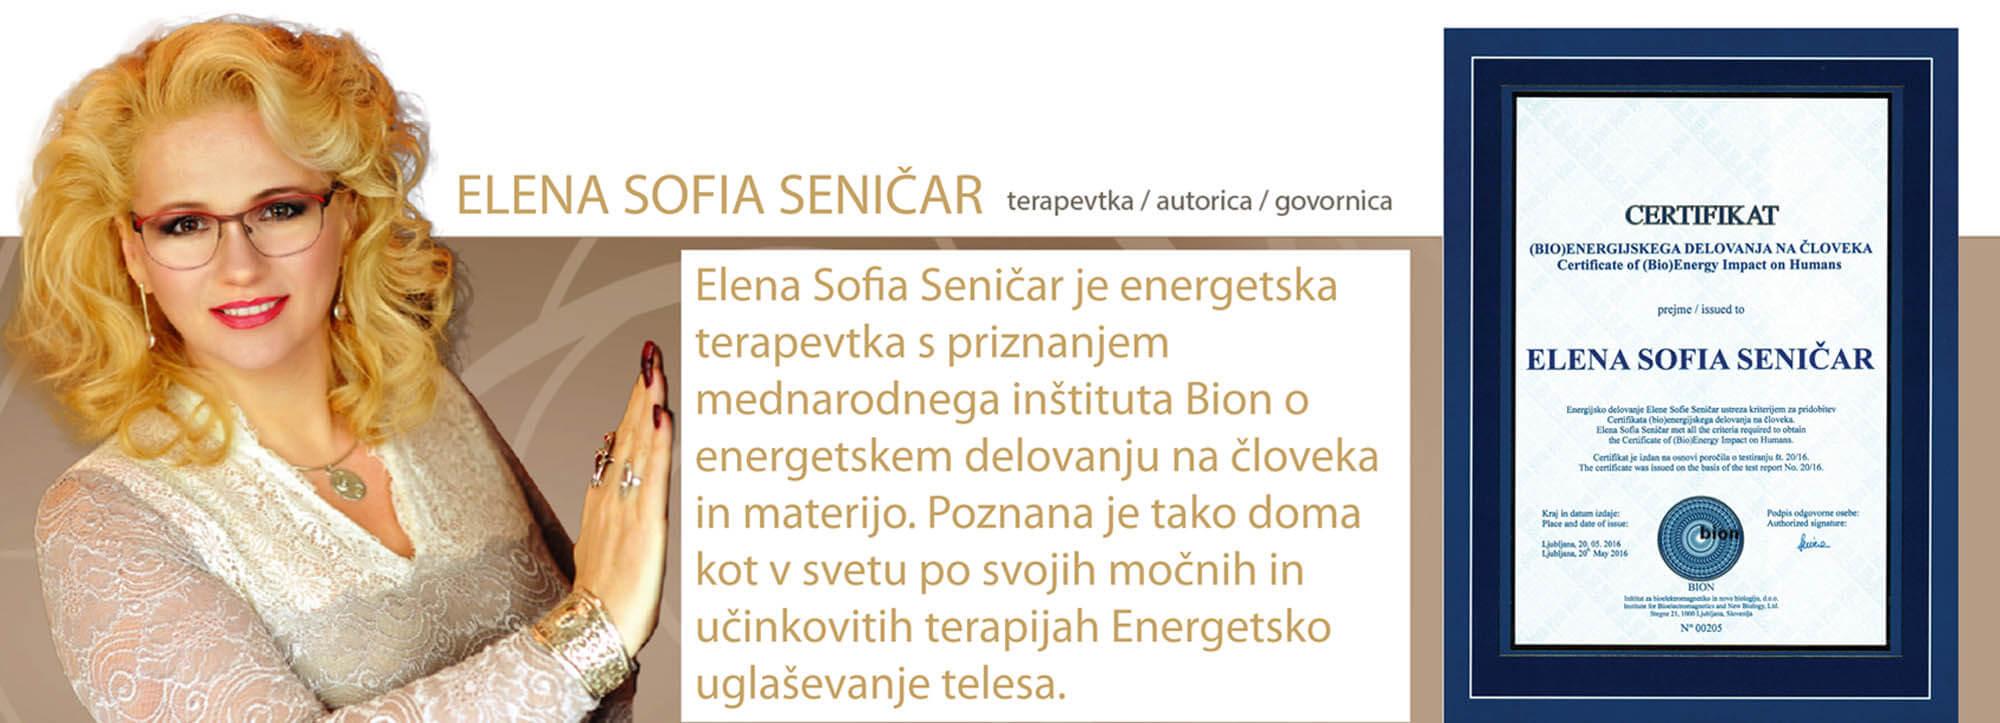 Elena Sofia Seničar - ozadje